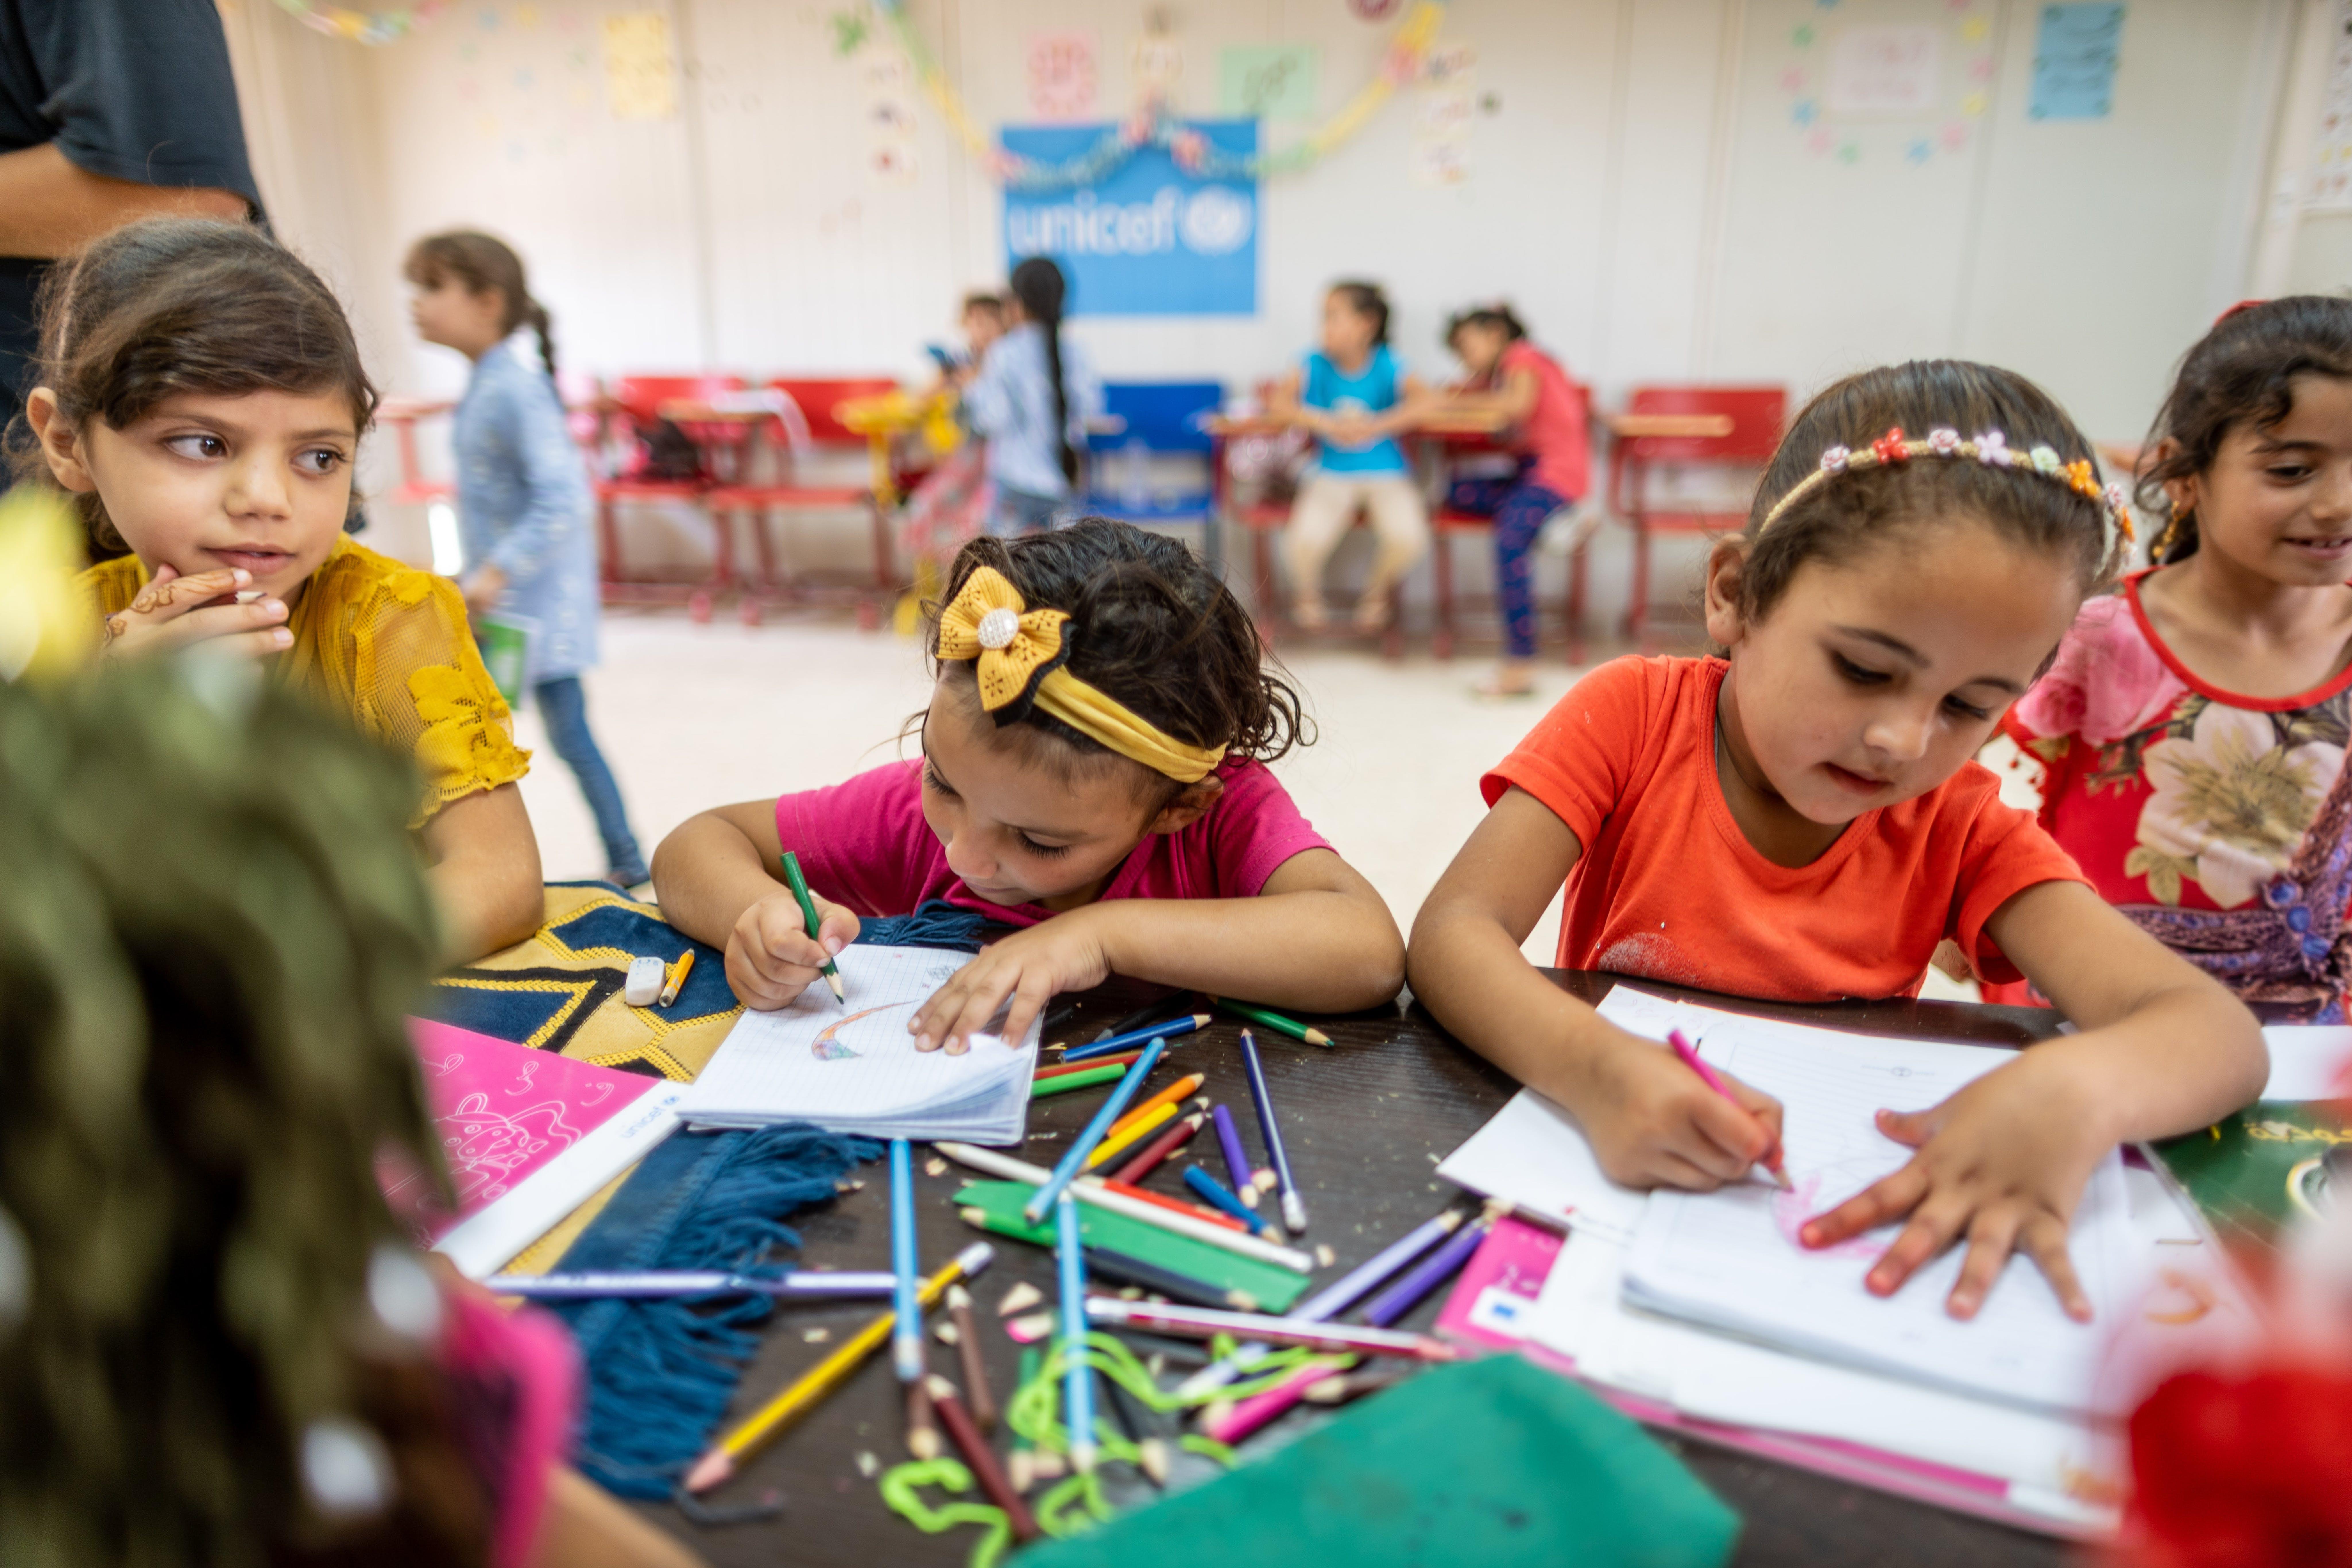 Bambine disegnano nello spazio Child Friendly allestito dall'UNICEF in Giordania